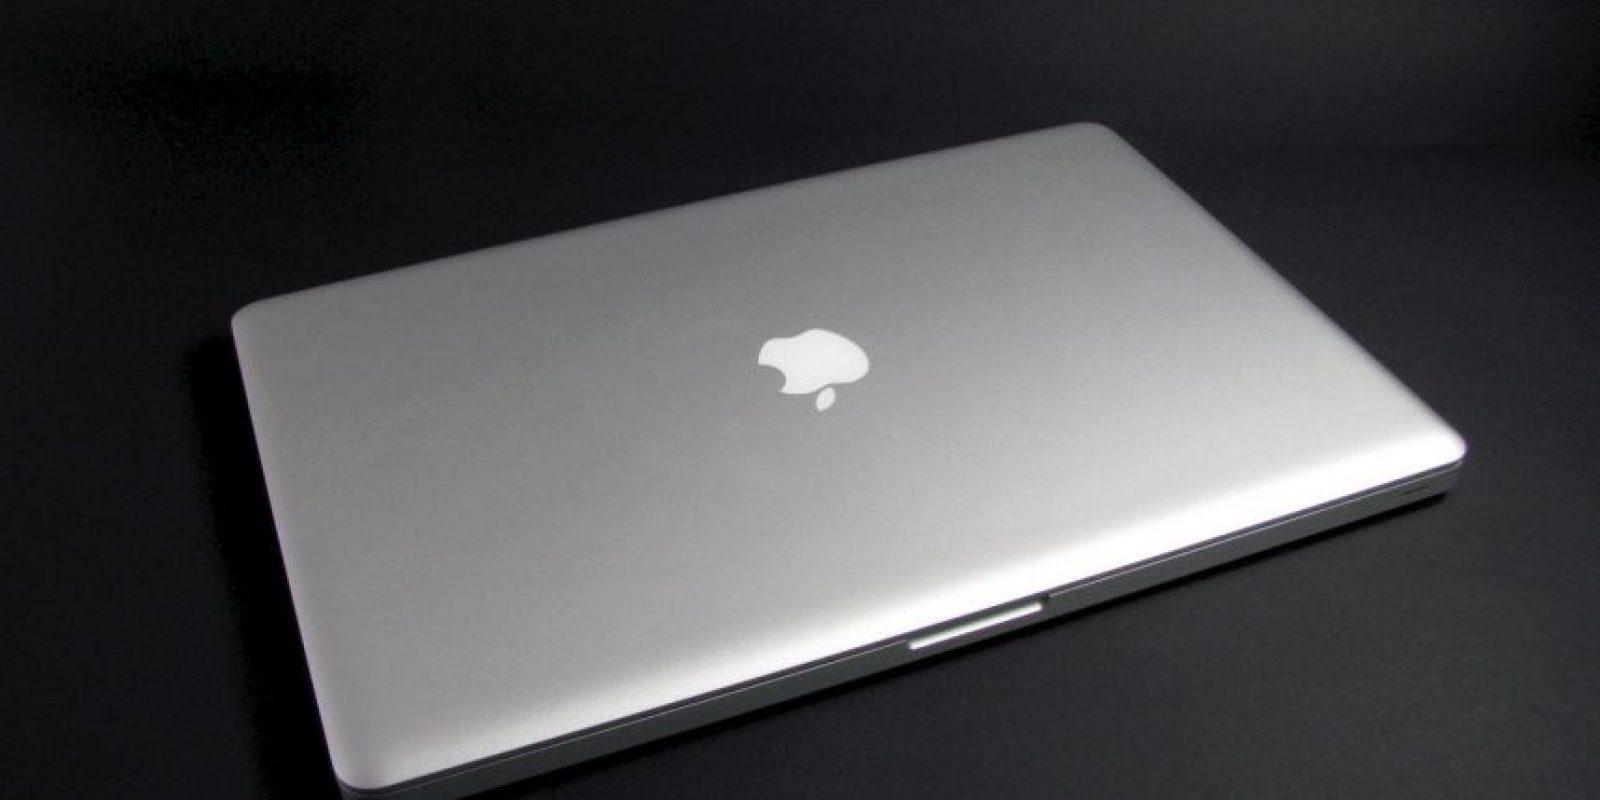 MacBook Pro (15 pulgadas, principios del 2009) Foto:Tumblr